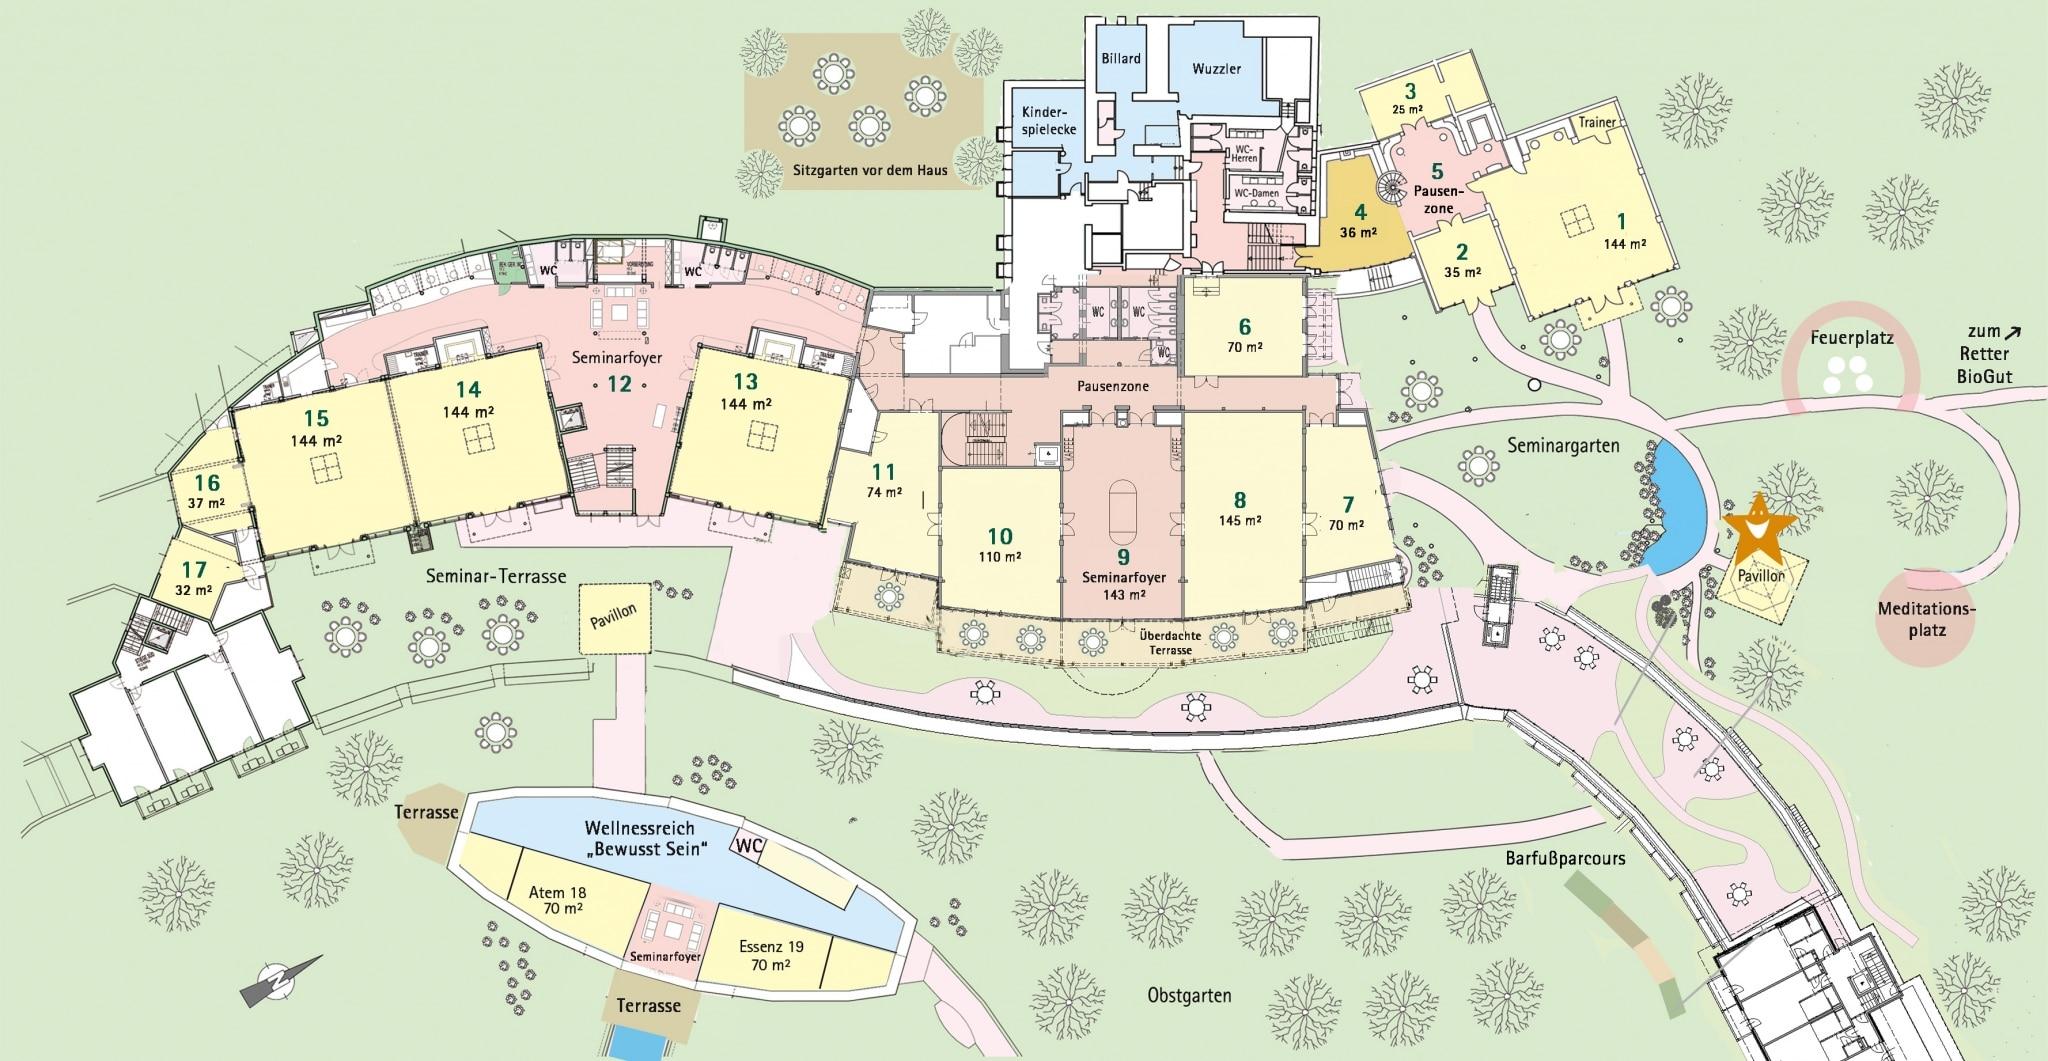 Karte von Seminarhotel Retter mit Einzeichnung beim Pavillon